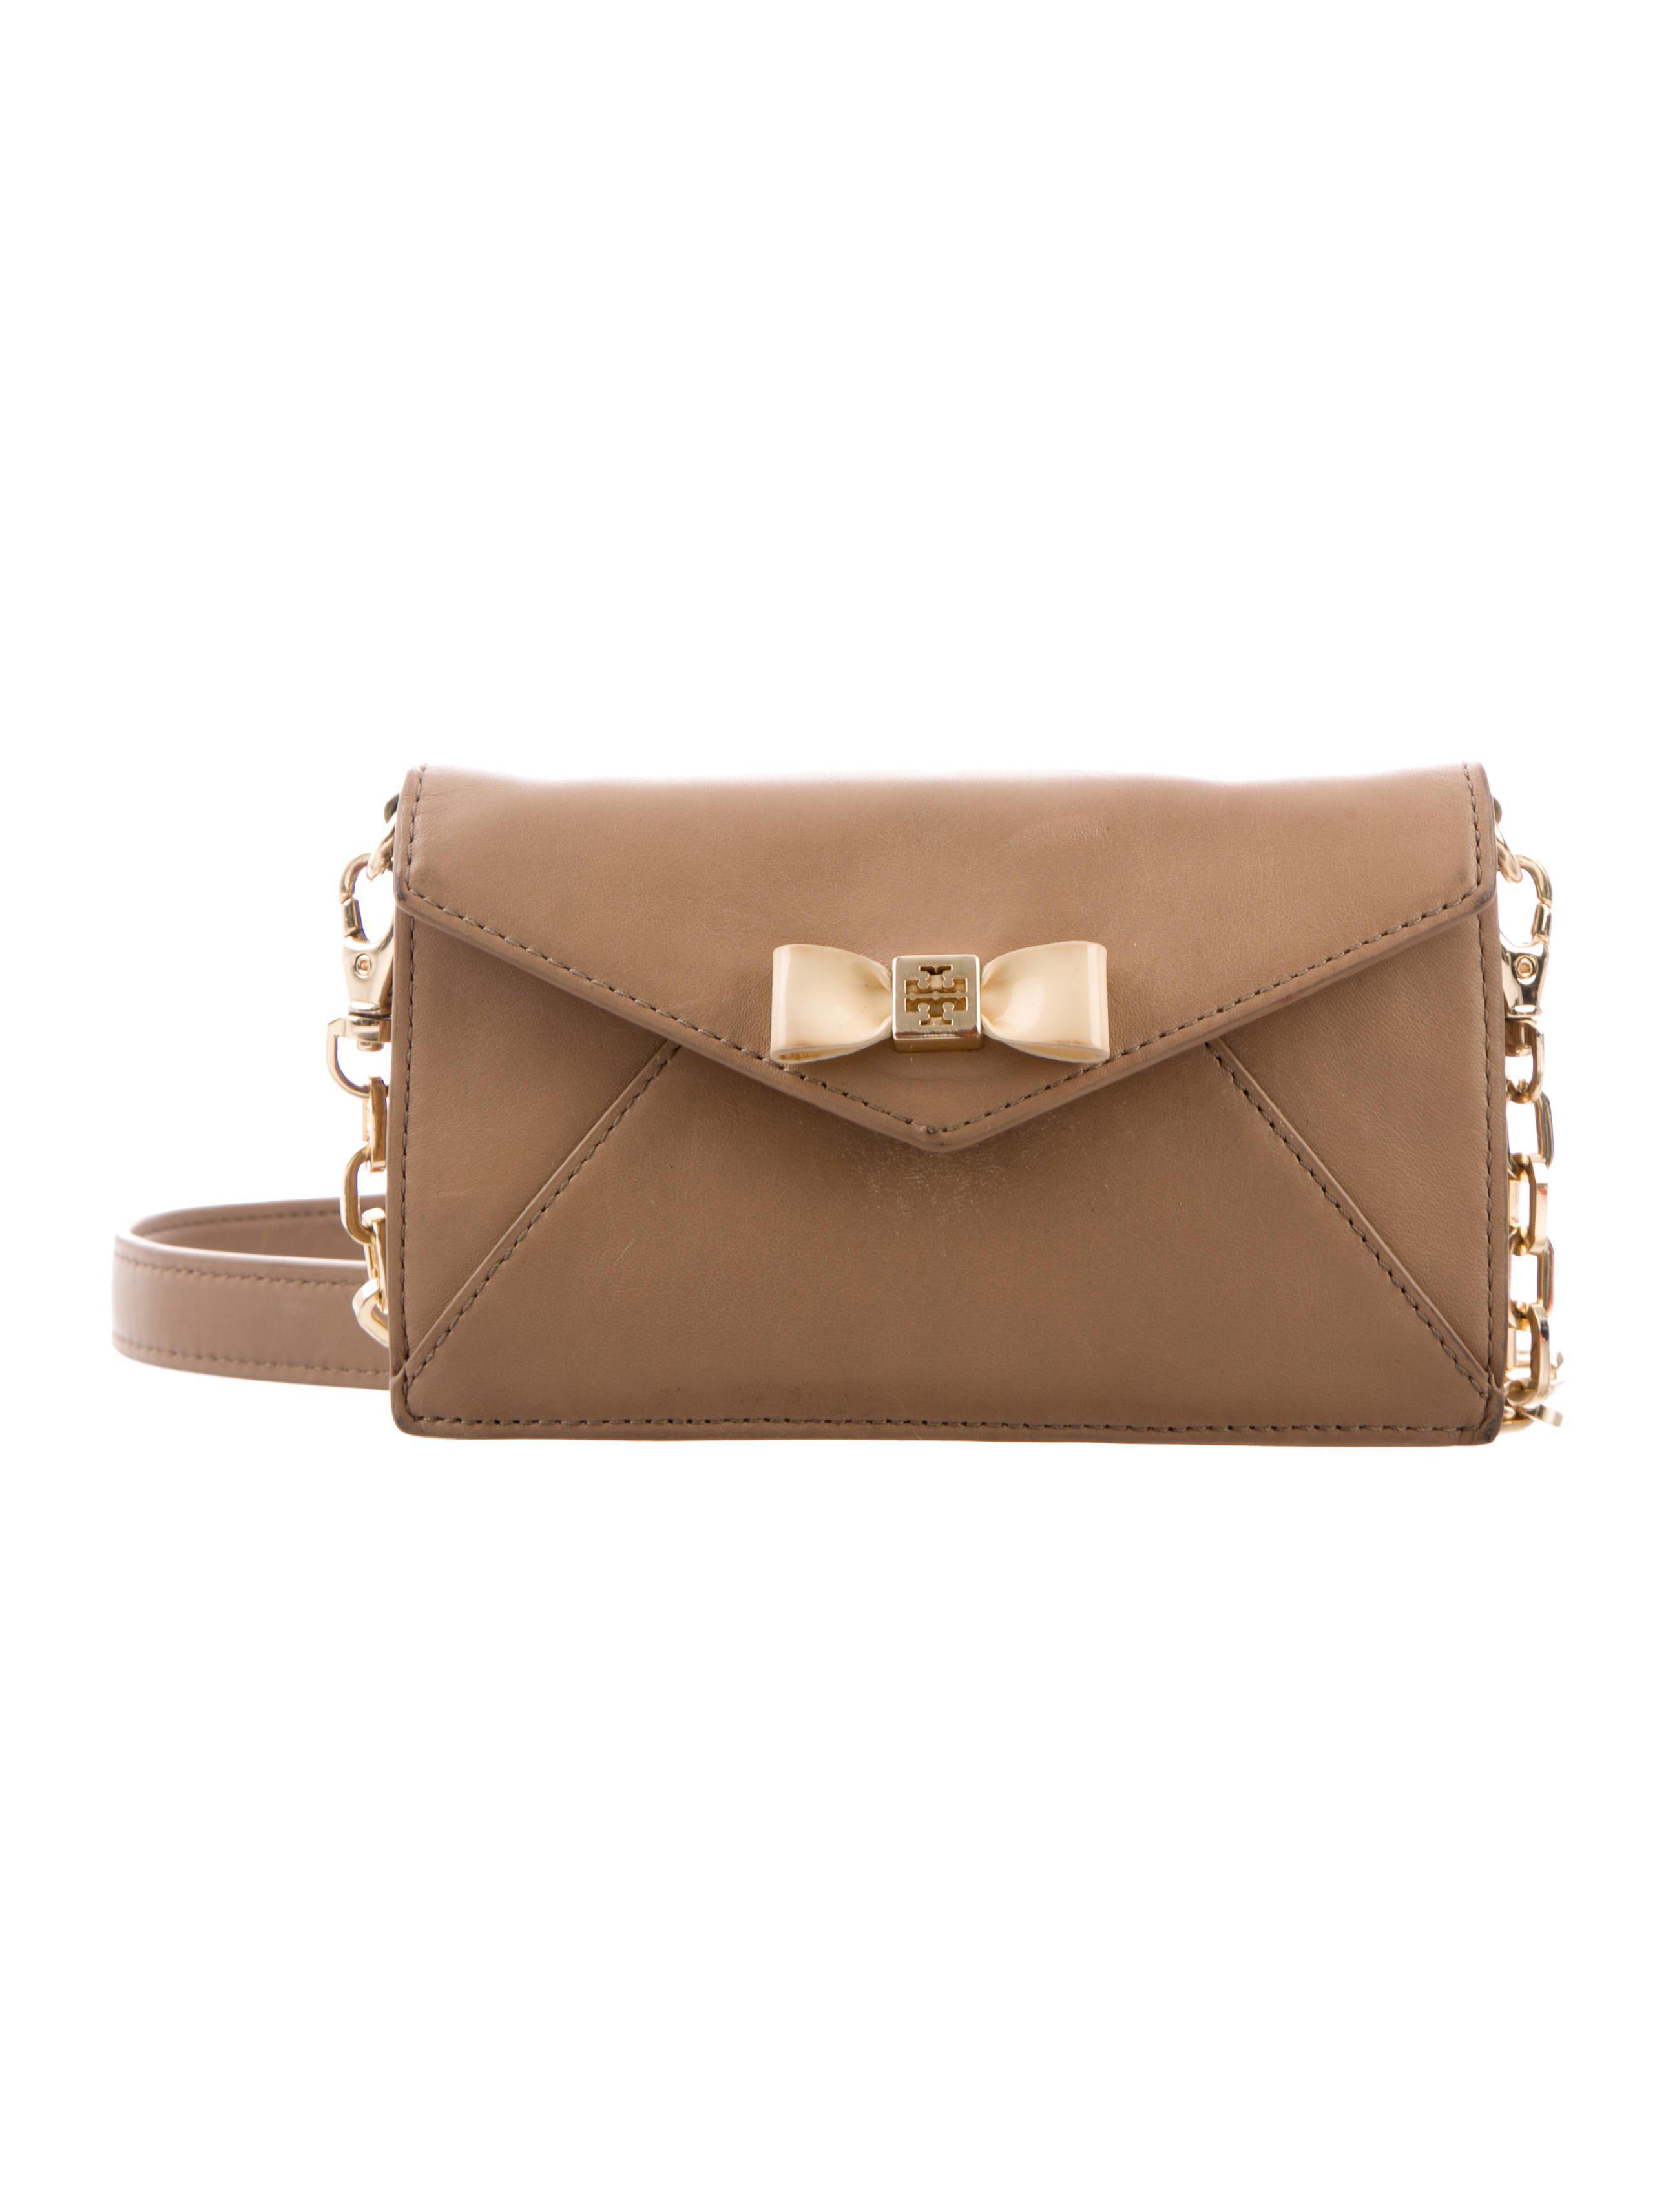 9eab0fe7e0cf Lyst - Tory Burch Wallet On Chain Crossbody Bag Beige in Metallic